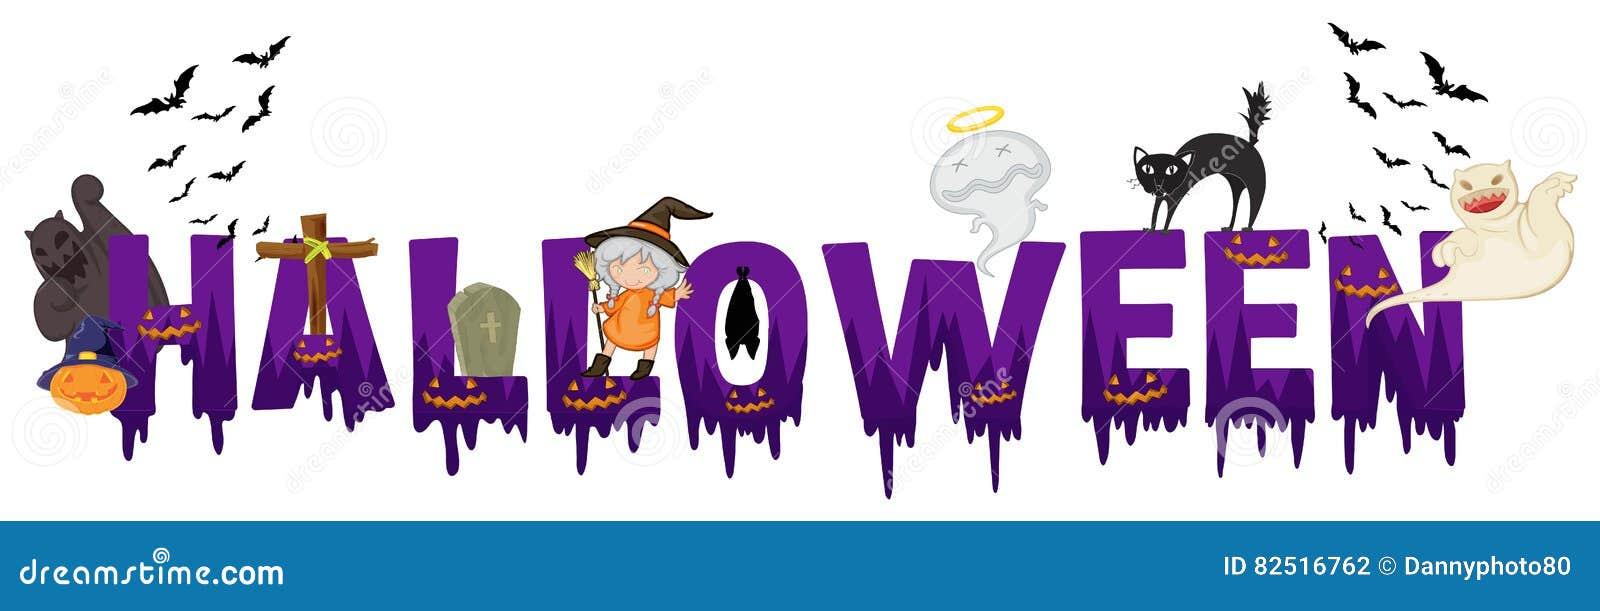 Stocks Download Shivam Creation: Création De Fonte Pour Le Mot Halloween Illustration De